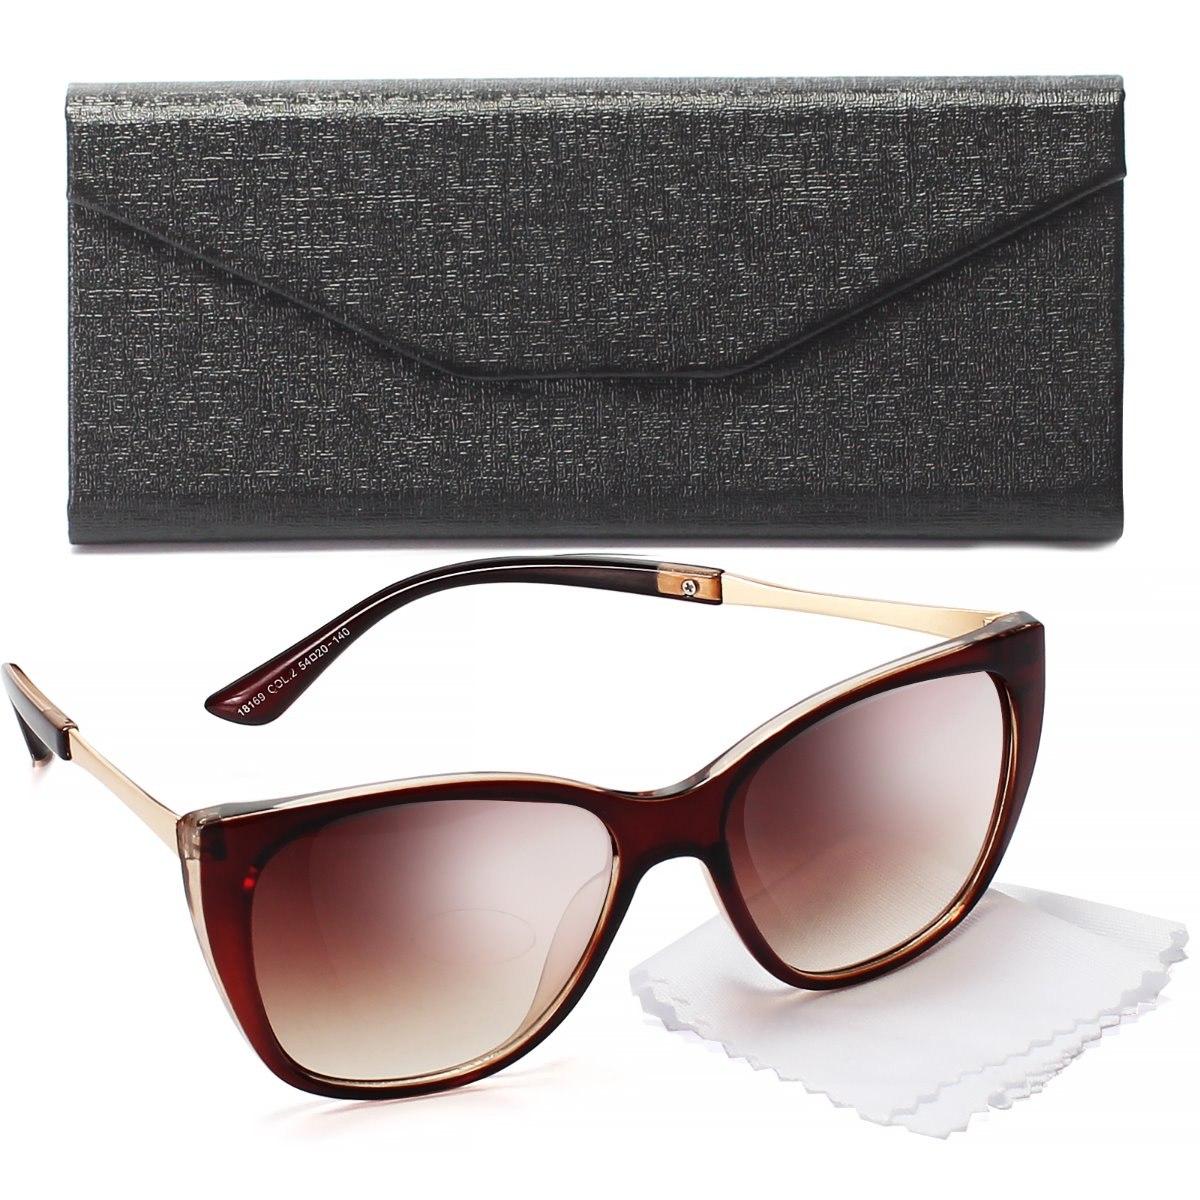 0cca6d549 oculos sol feminino gatinho lente proteção uv estojo grátis. Carregando  zoom.